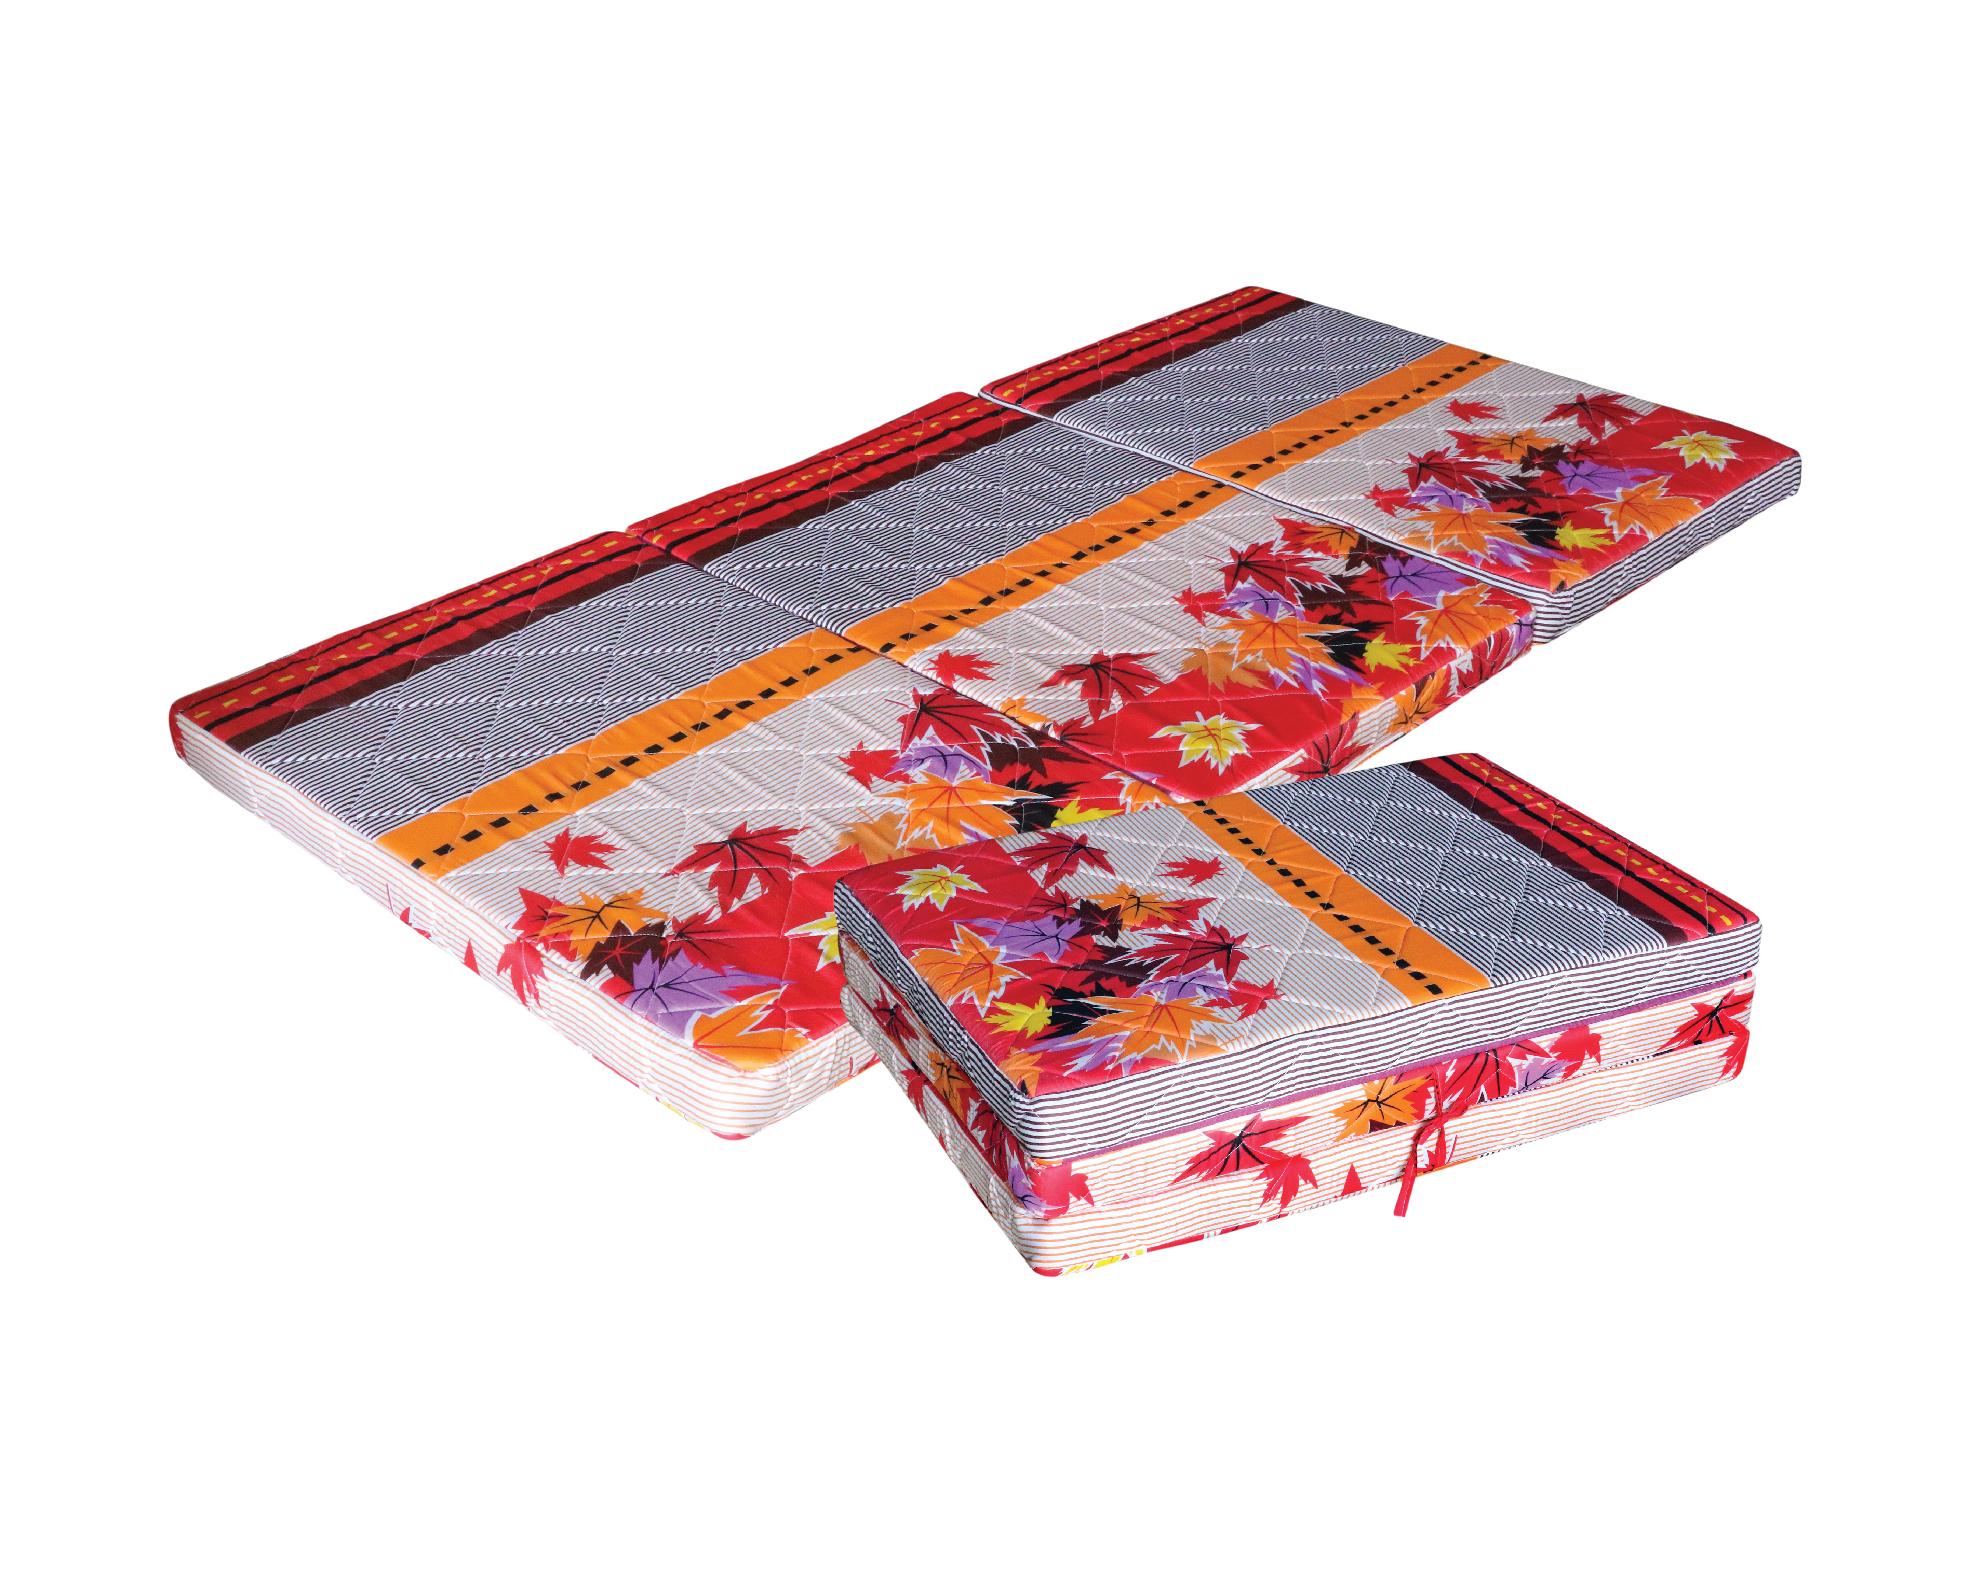 Folding Rebonded Deluxe Mattress